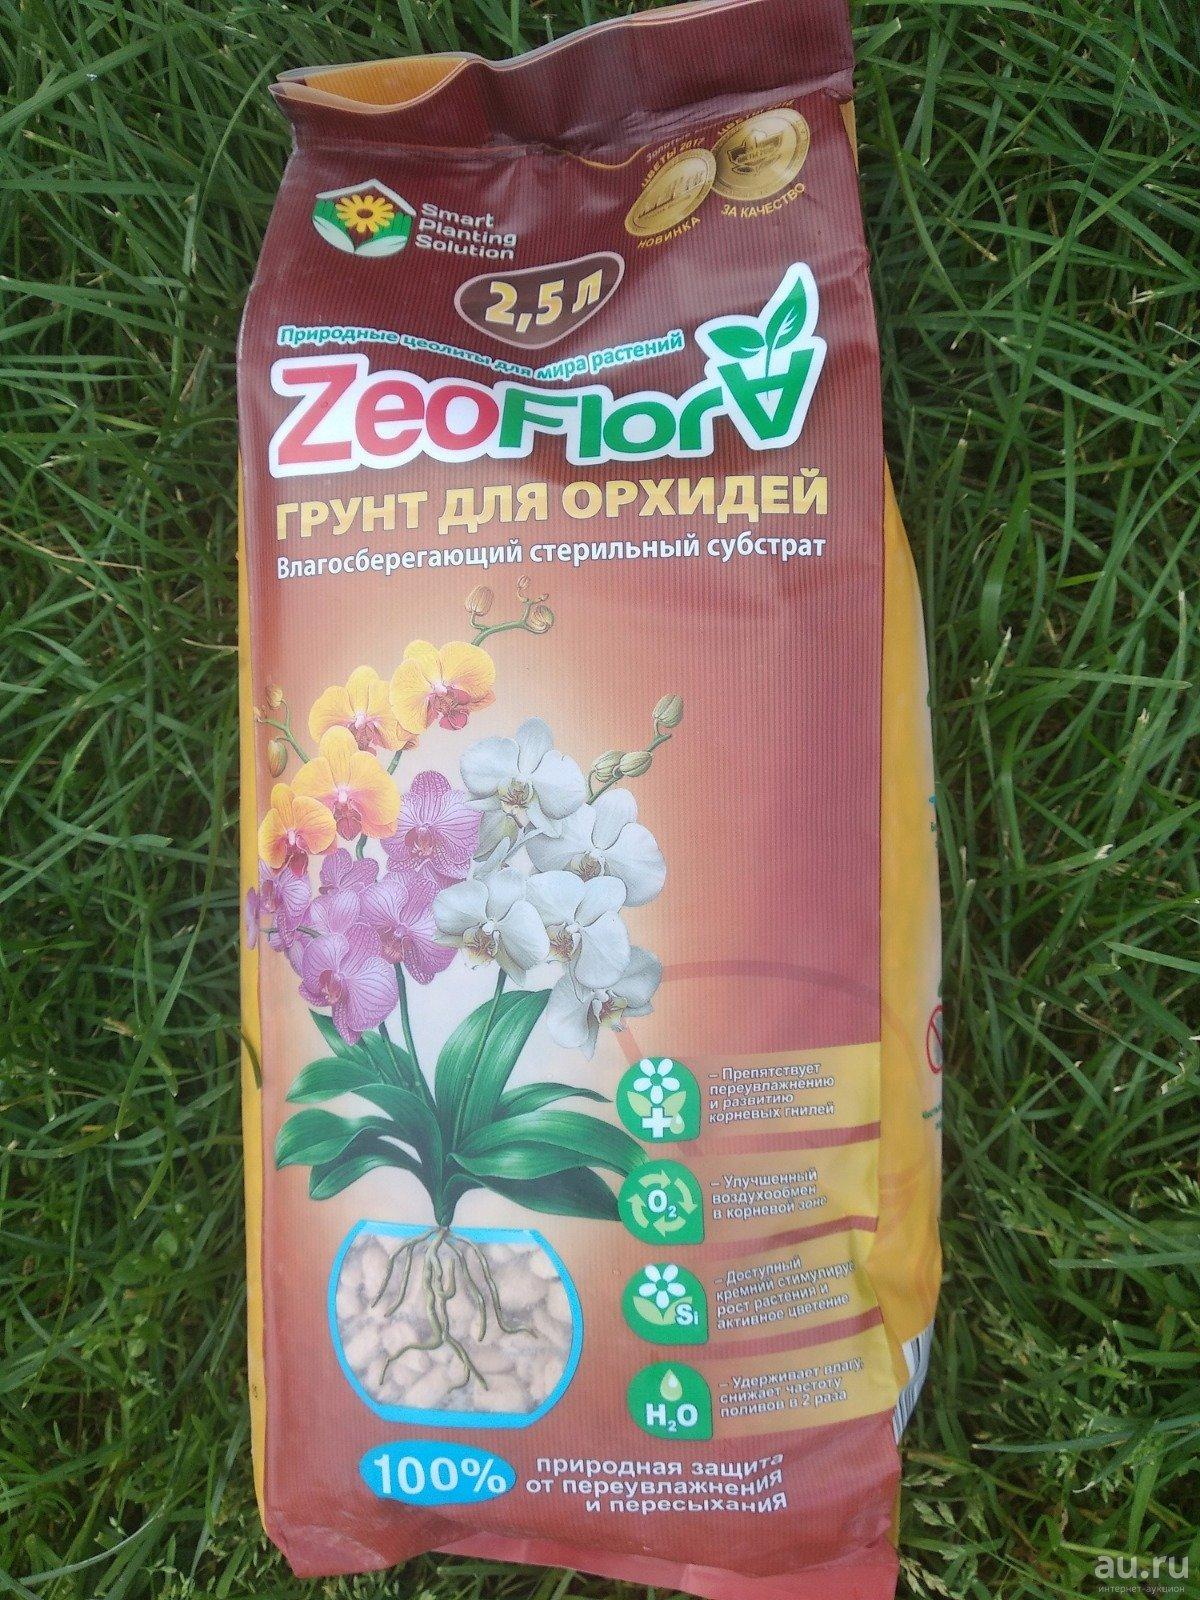 Что такое Zeoflora?